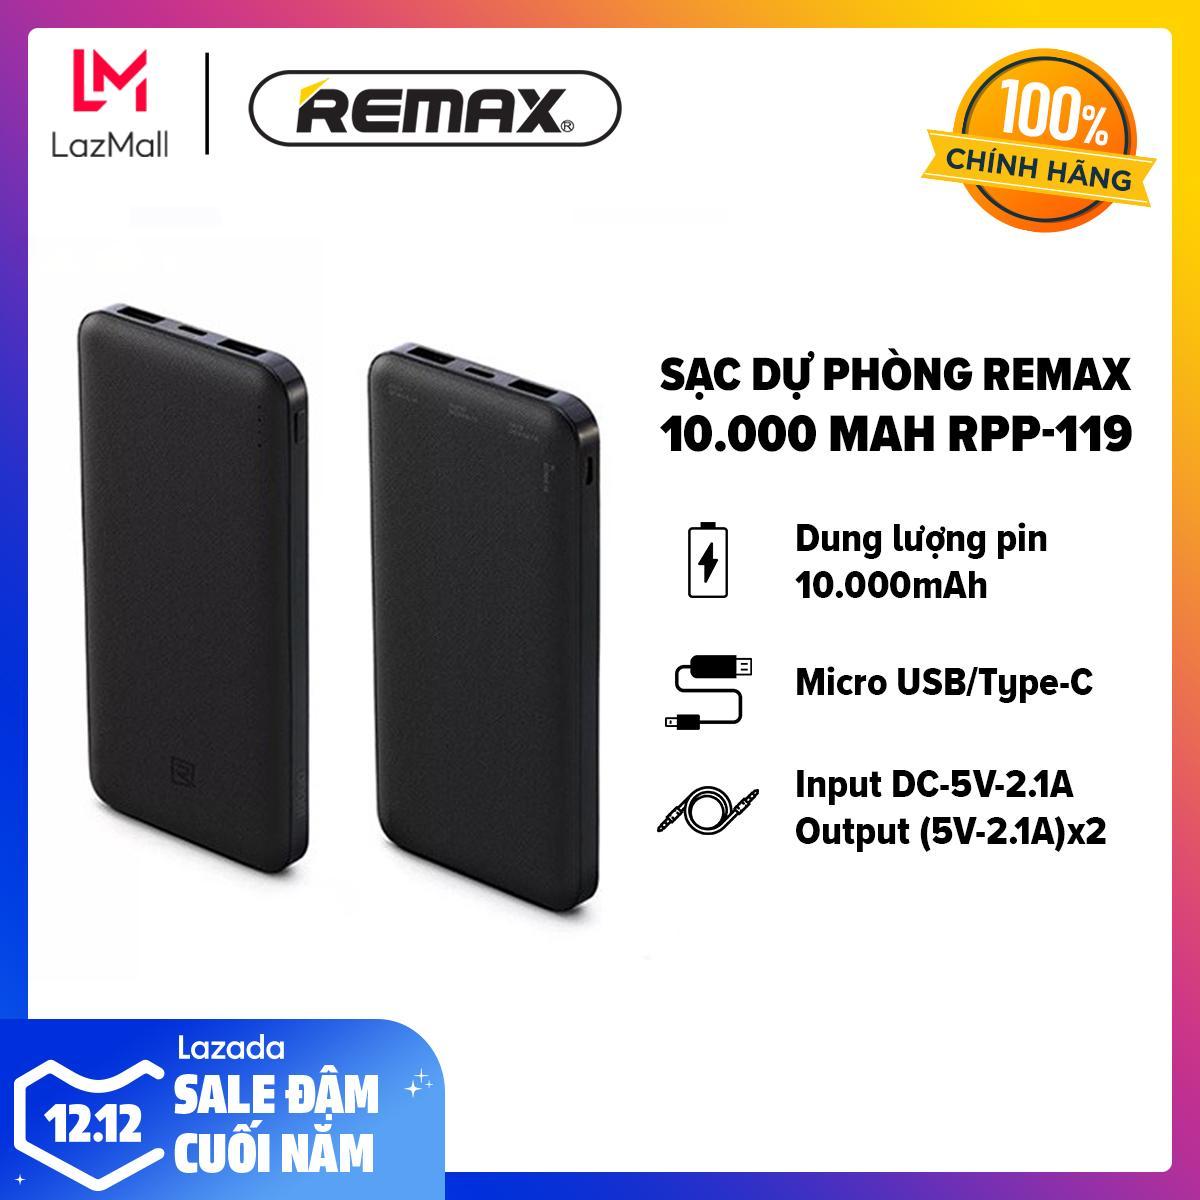 [HÀNG CHÍNH HÃNG - BẢO HÀNH 12 THÁNG 1 ĐỔI 1] Sạc Dự Phòng Remax 10.000 MAh - Micro USB/Type-C- Hỗ Trợ Sạc Nhanh - Input DC-5V-2.1A/Output (5V-2.1A)x2 RPP-119 Ưu Đãi Bất Ngờ